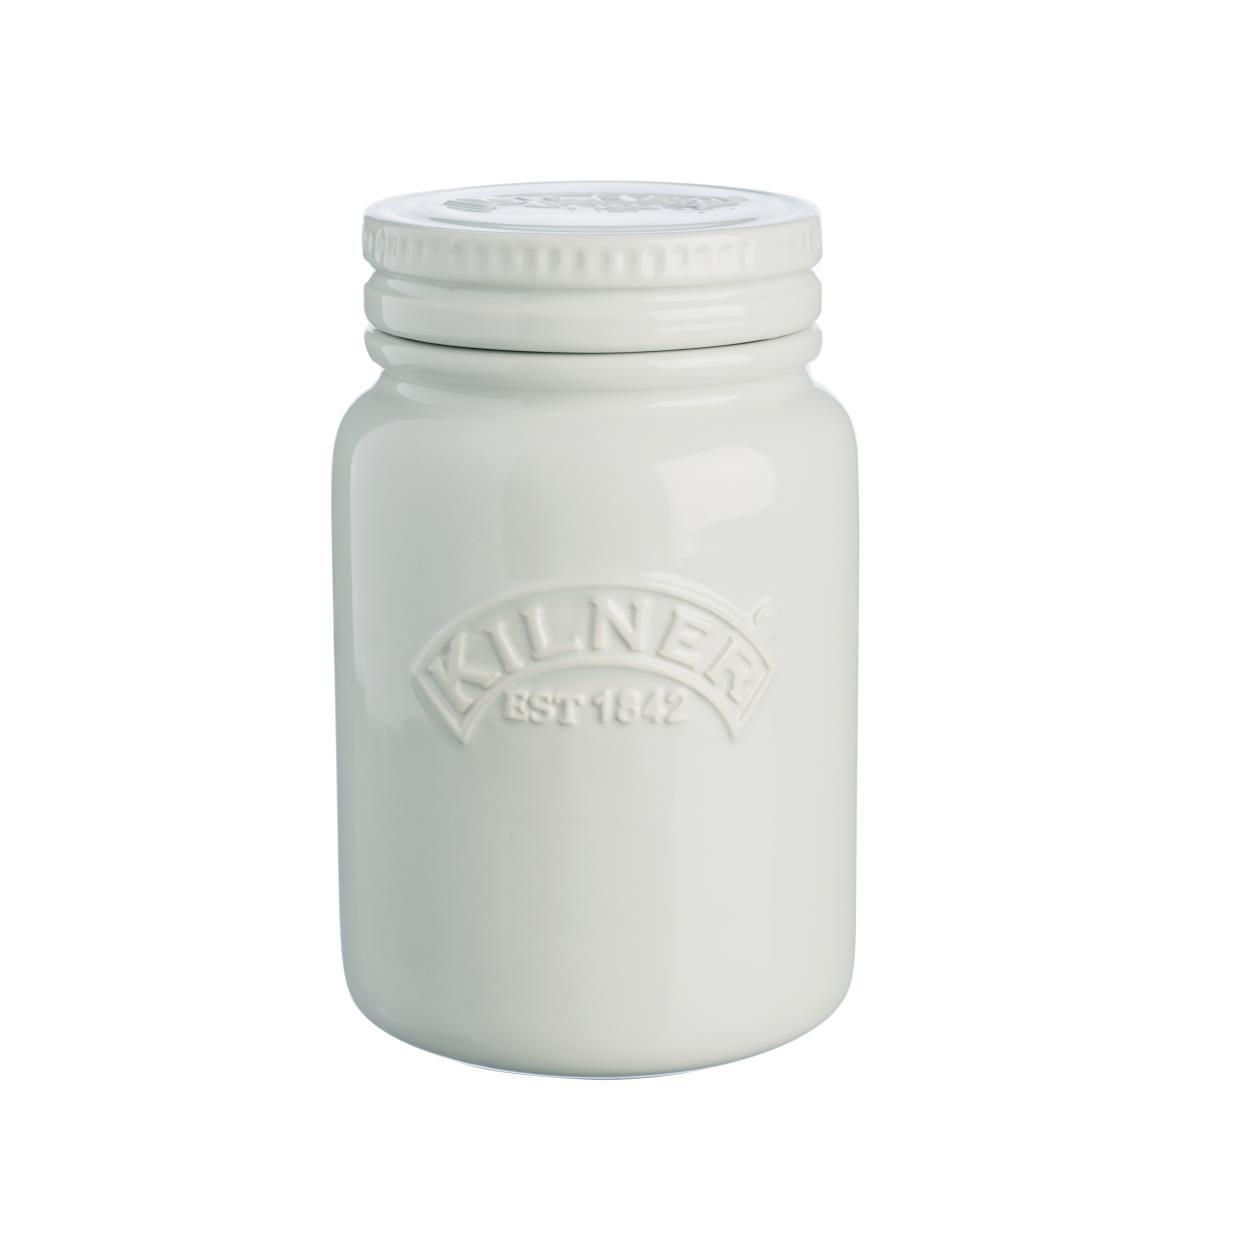 Dóza na suché potraviny 0,6 l, měsíční svit - Kilner